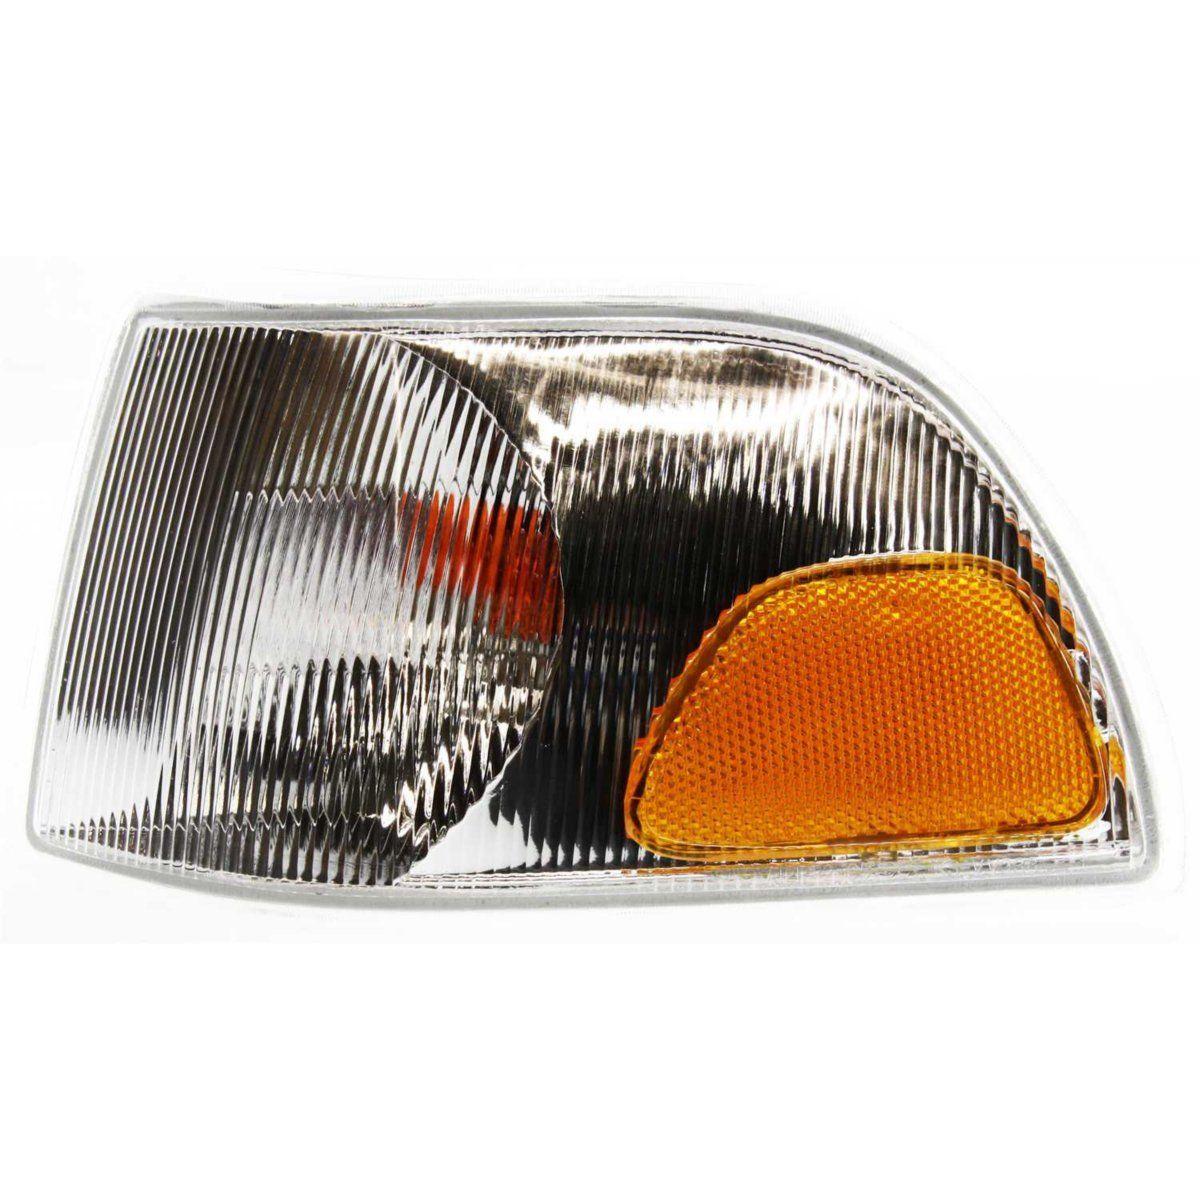 コーナーライト Corner Light For 98-2002 Volvo V70 98-2000 S70 Driver Side Incandescent w/ Bulb コーナーライト98-2002ボルボV70 98-2000 S70ドライバーサイド白熱電球